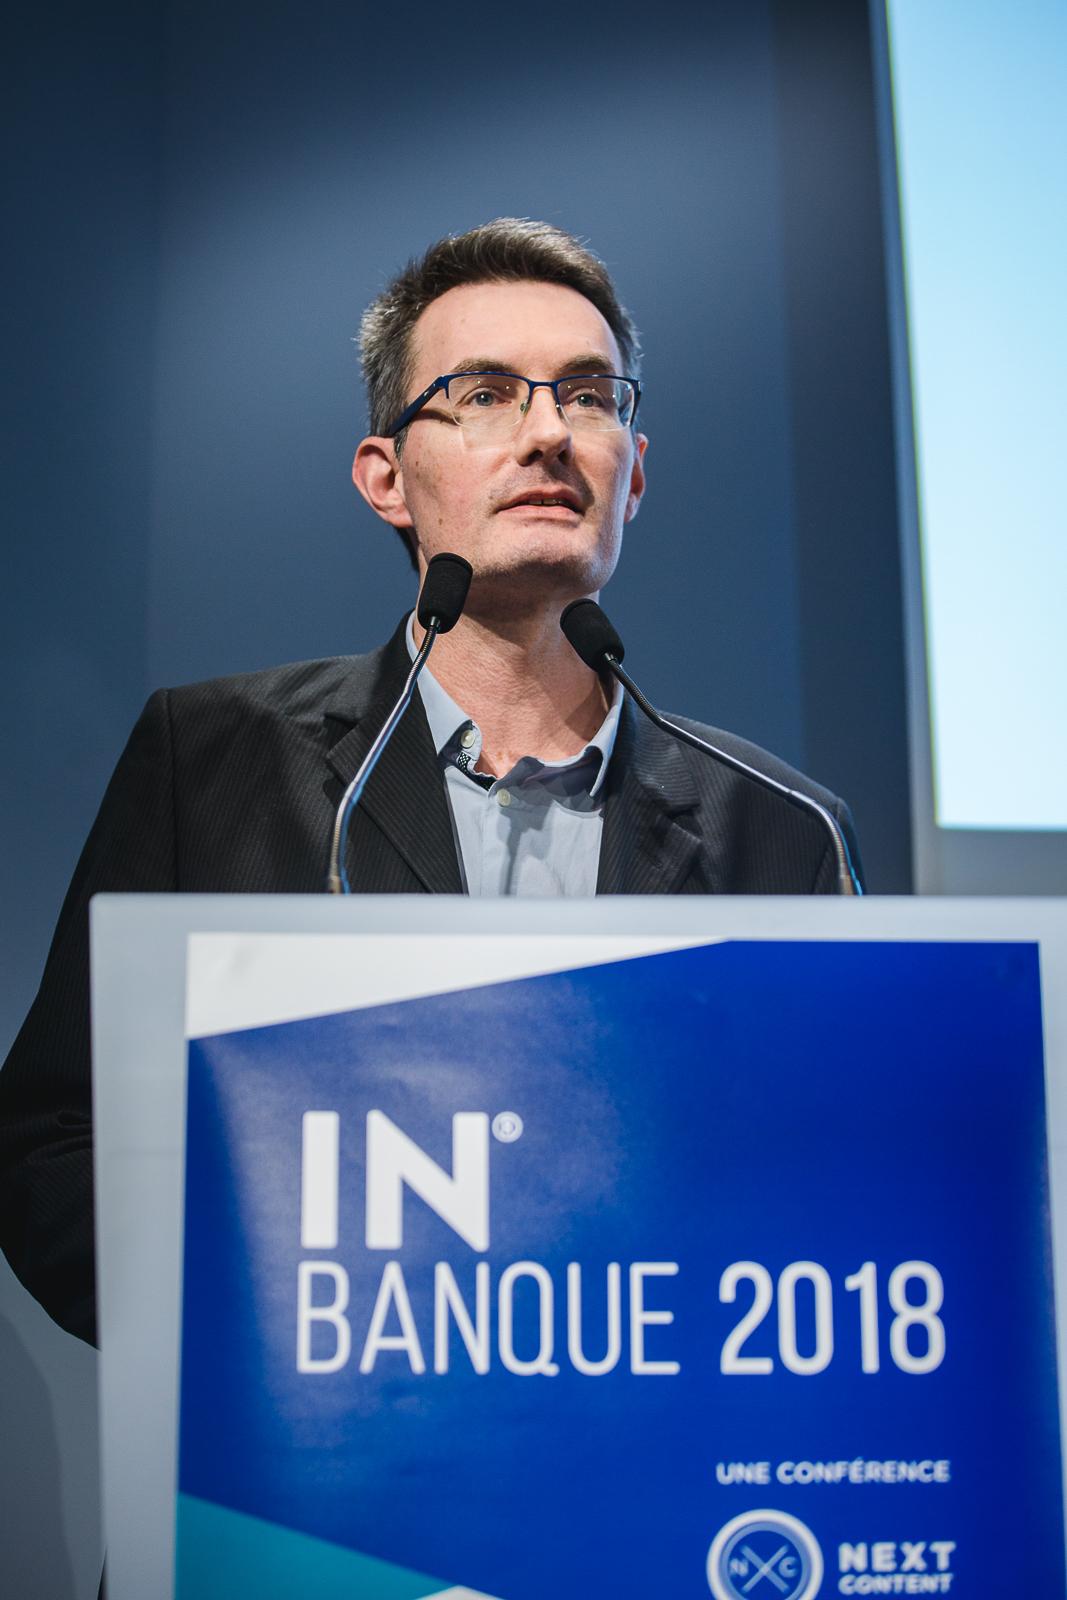 Jean-Michel Périgois (Flatirons Jouve) - IN BANQUE 2018 - Crédit photo : Guillermo Gomez